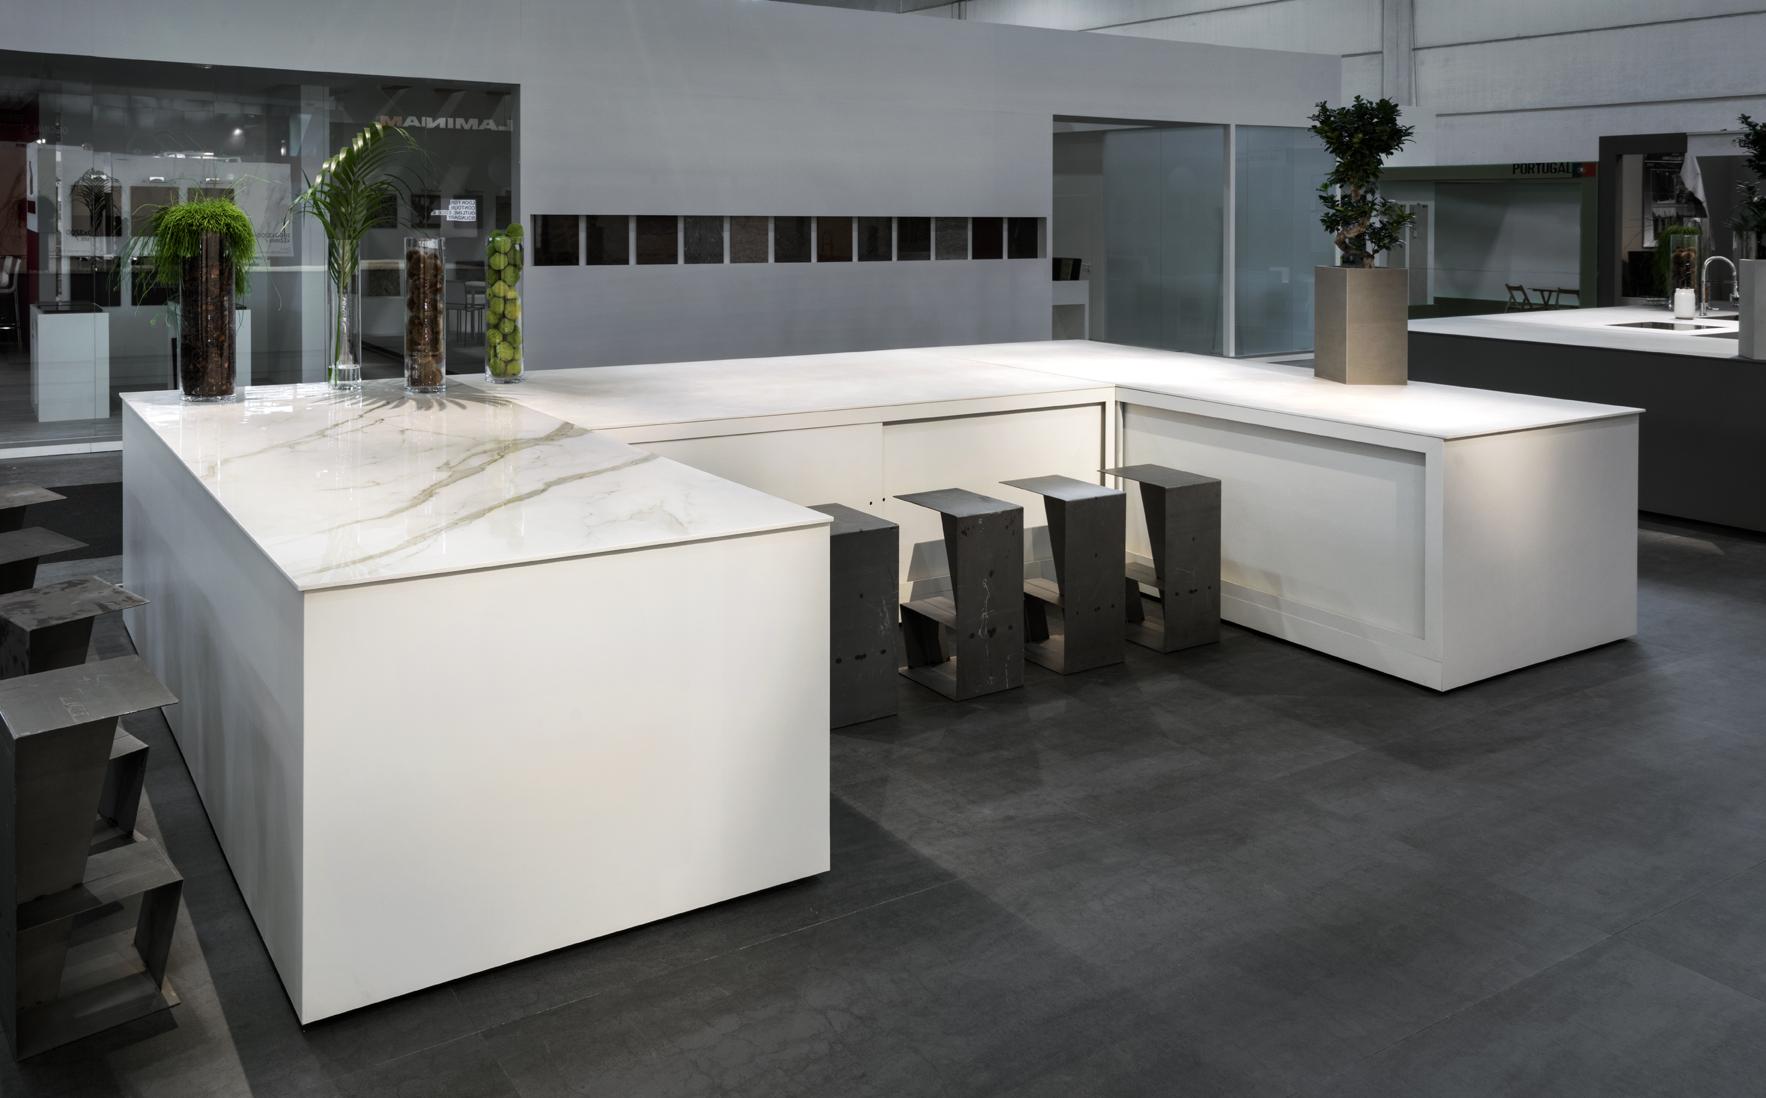 Laminam nuove serie 1620x3240 spessore 12 mm per cucine a - Spessore top cucina ...